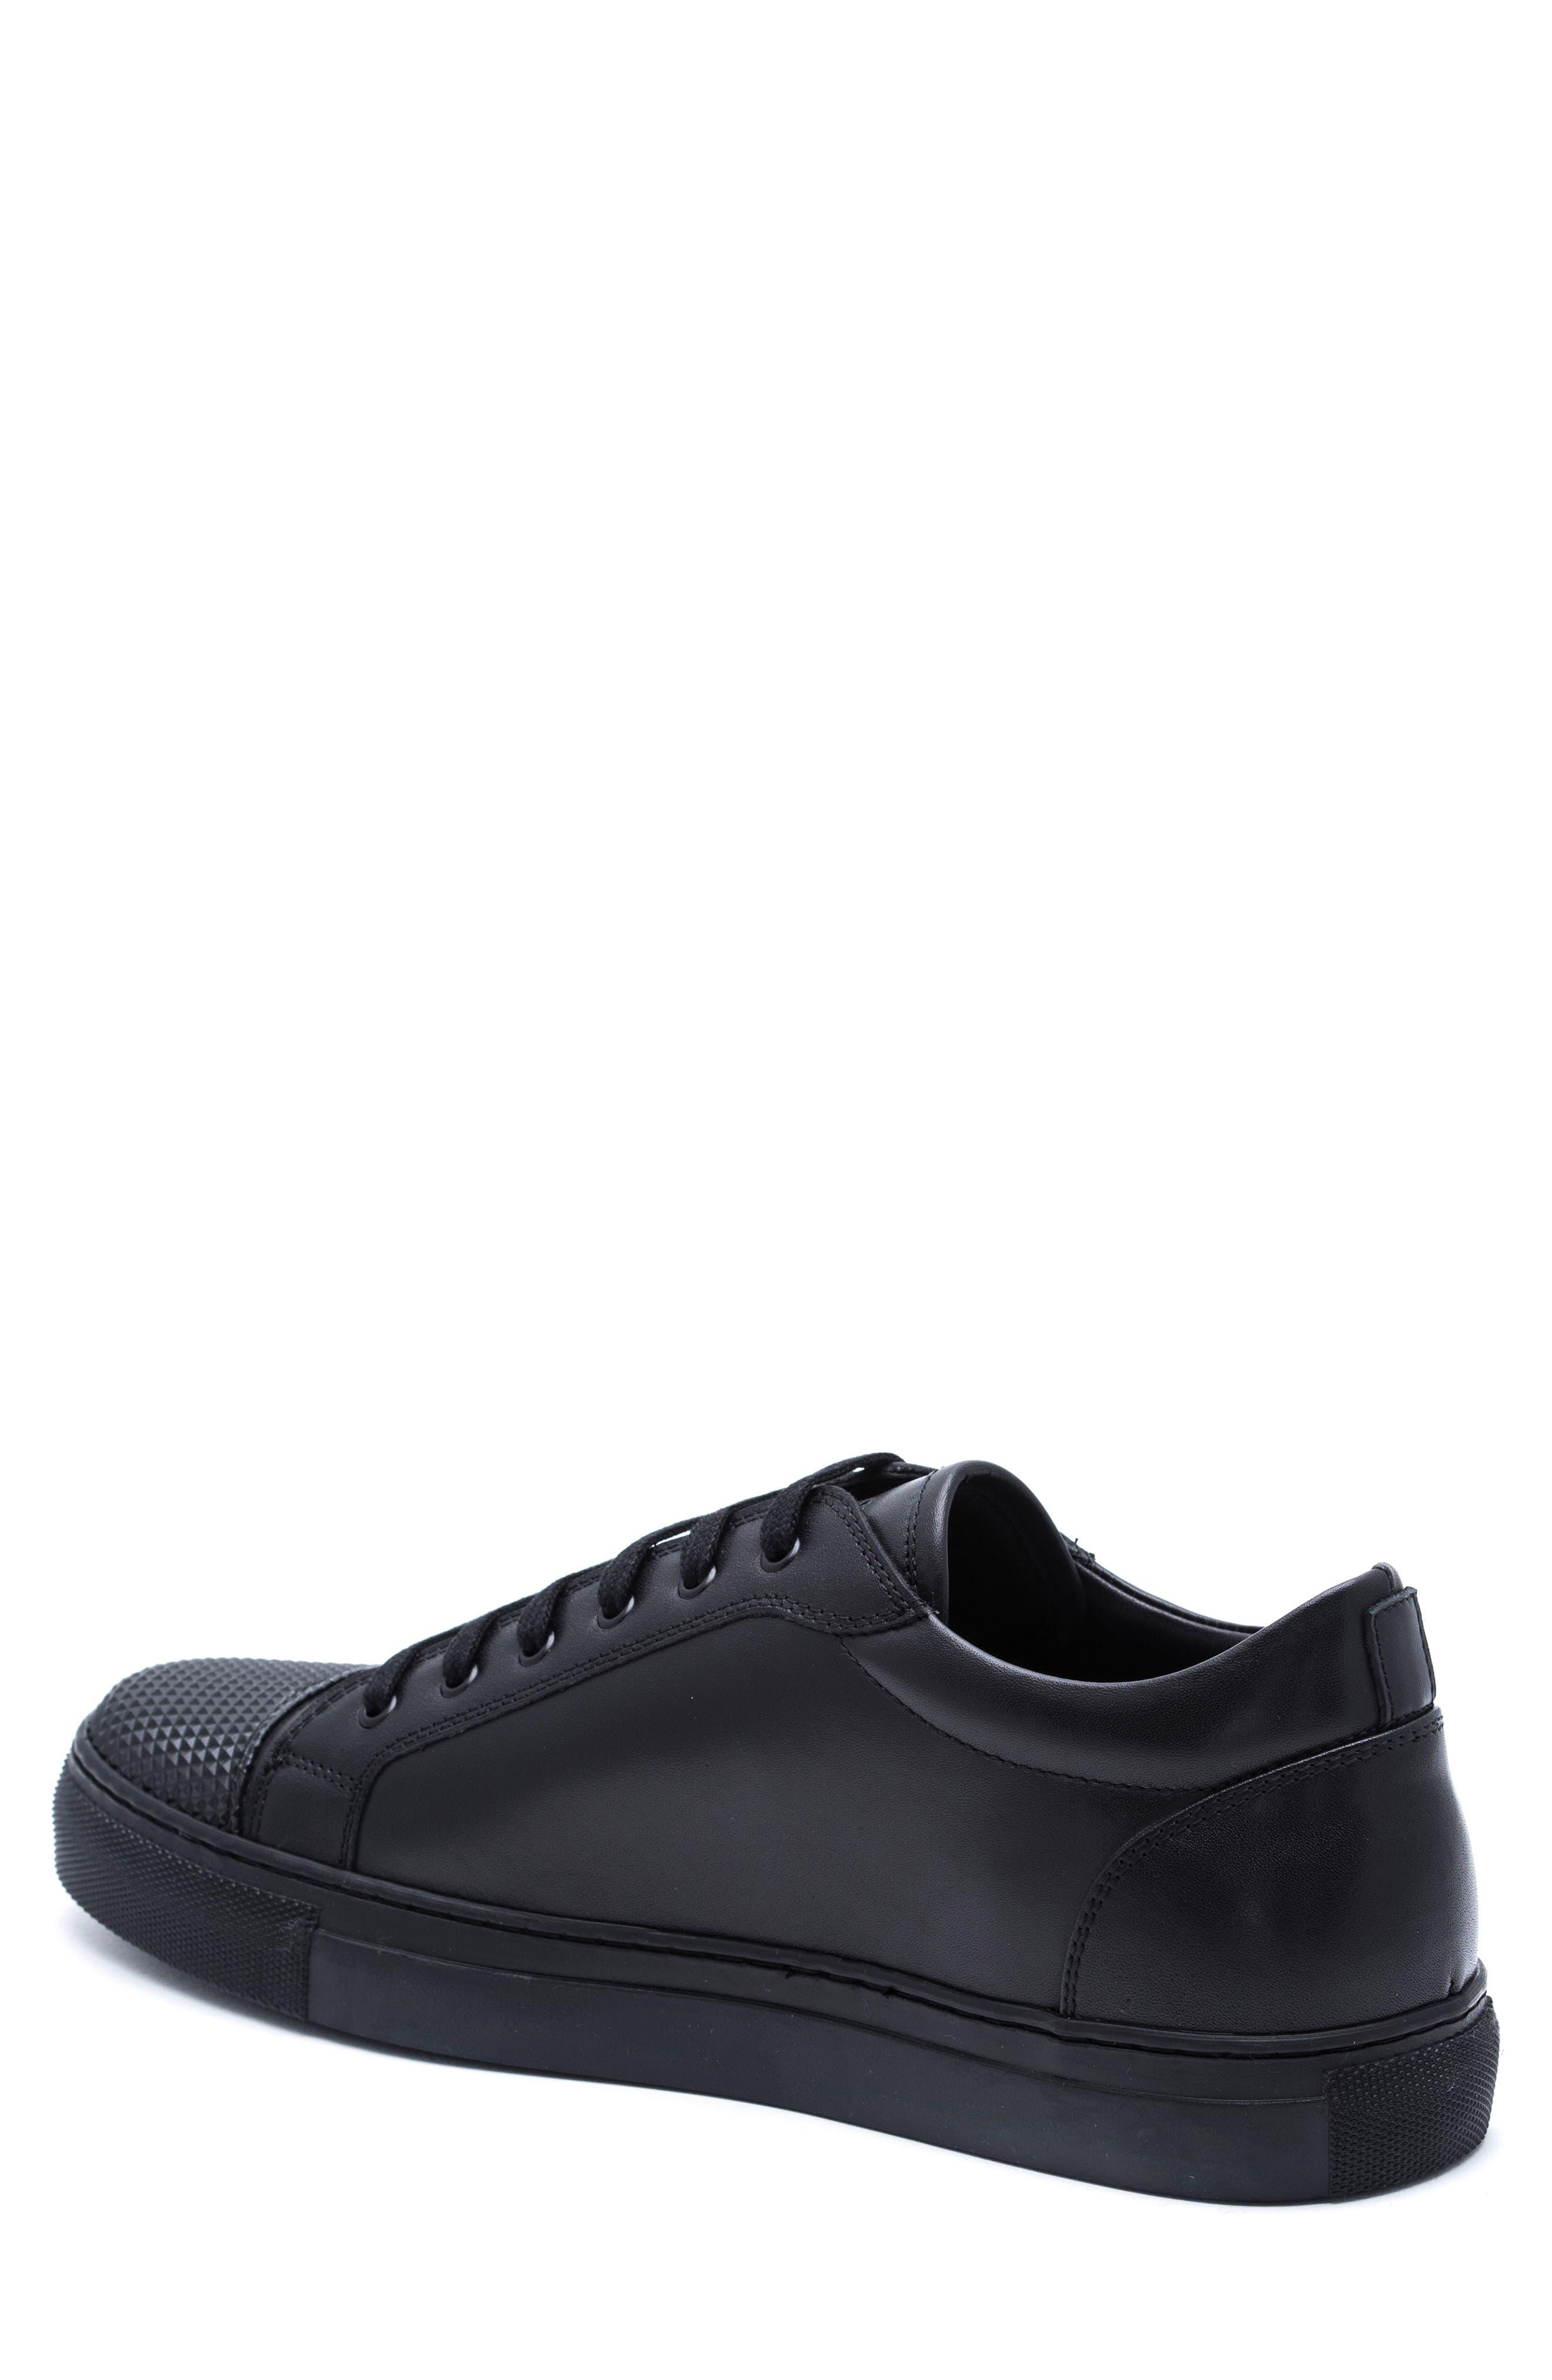 John Sneaker,                             Alternate thumbnail 2, color,                             001